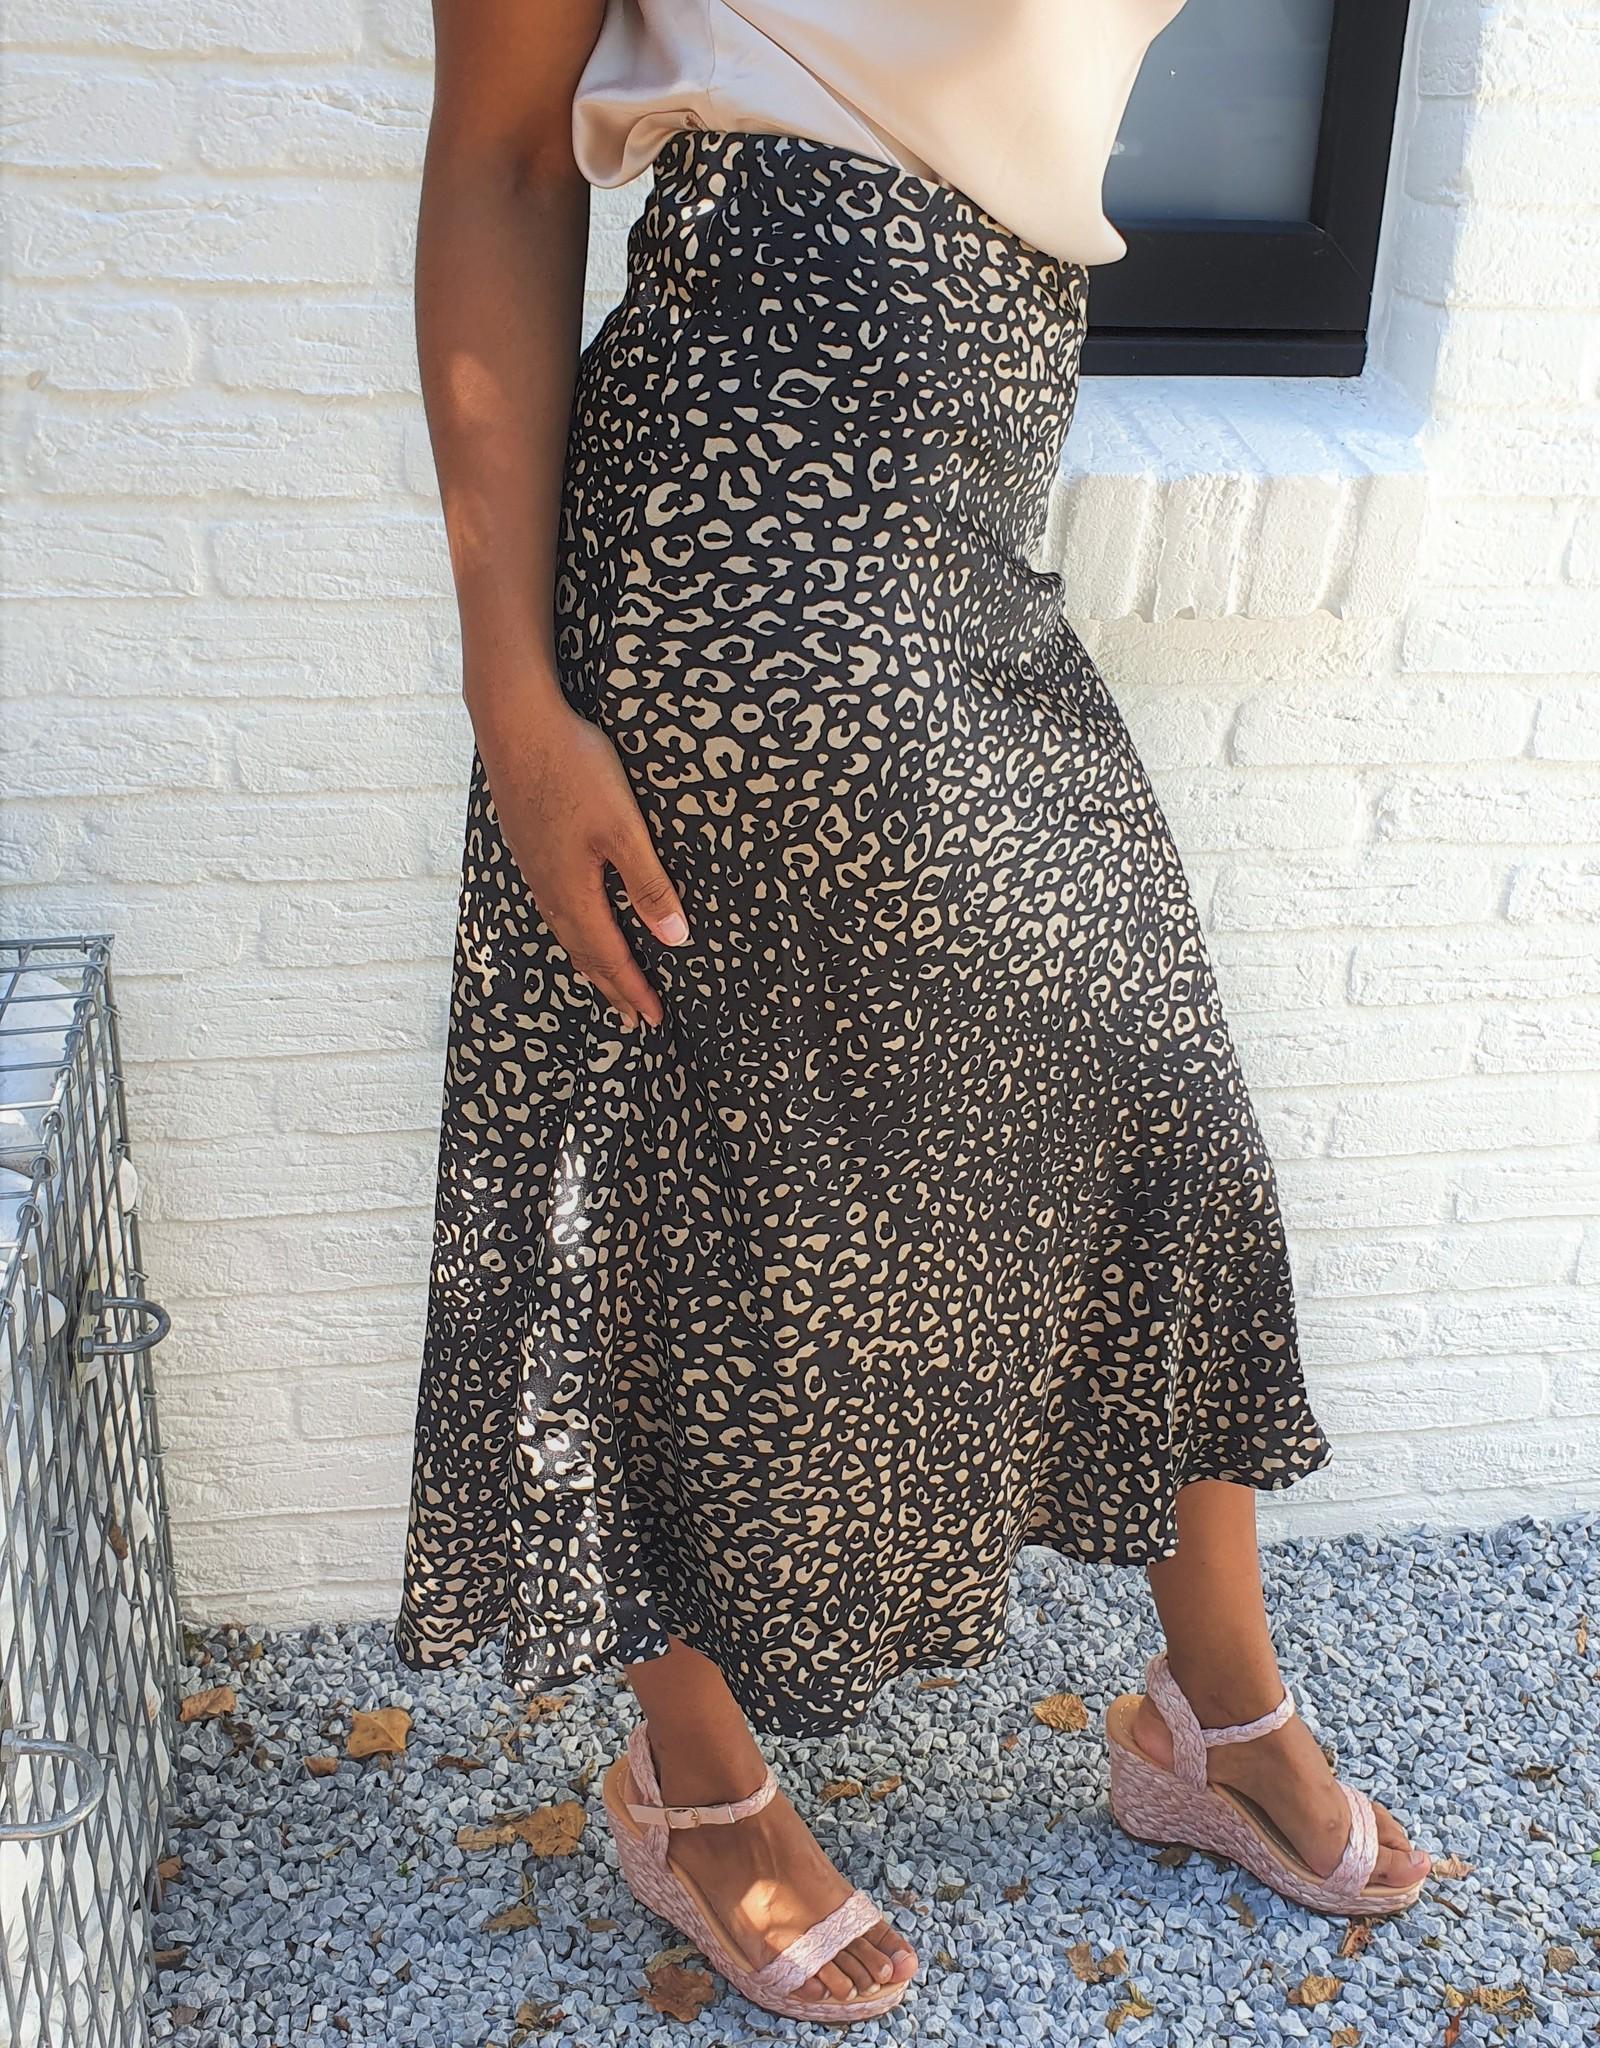 Shiny leopard